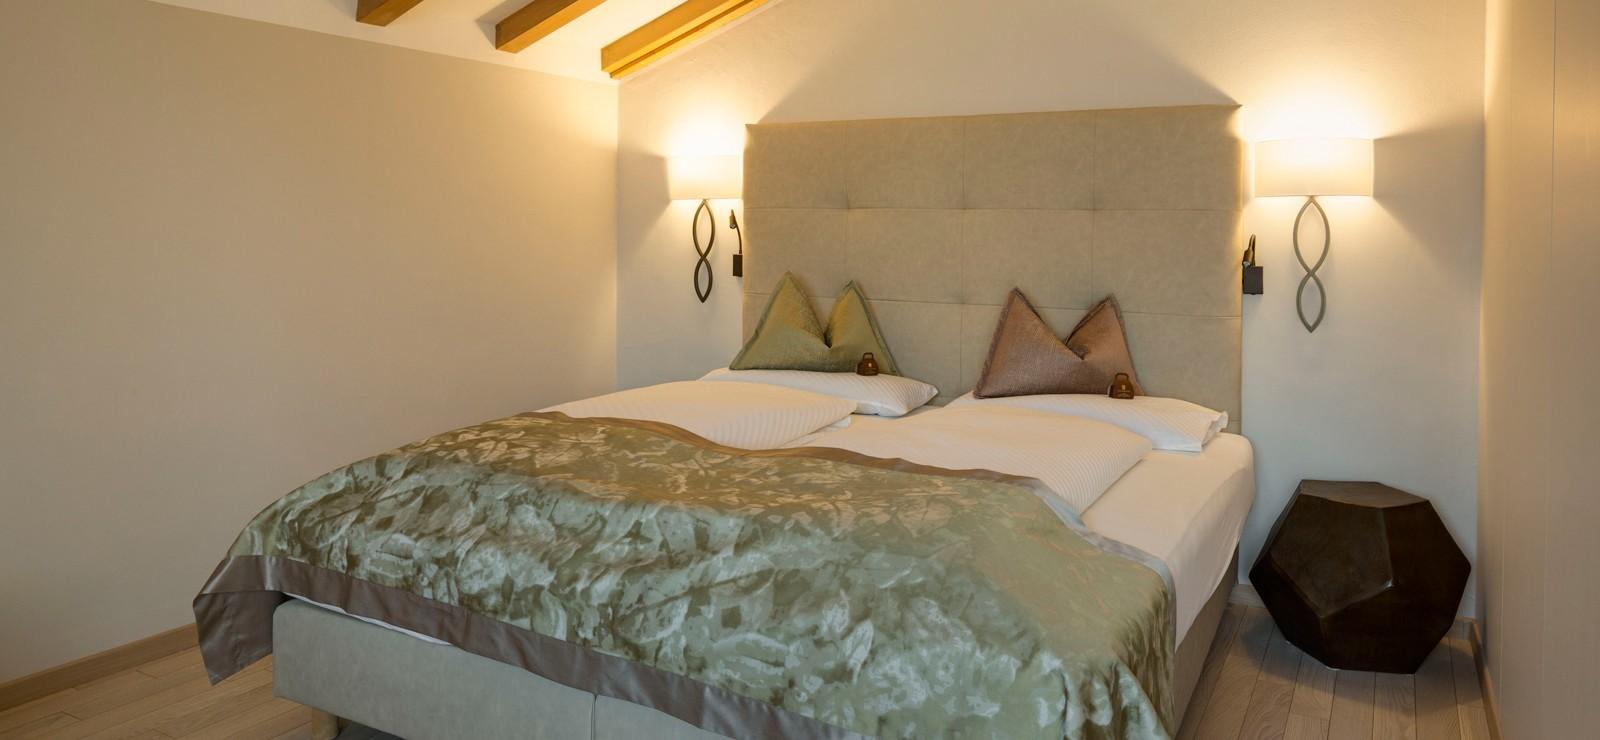 Hotel Burggraflerhof Meran Bozen Italien